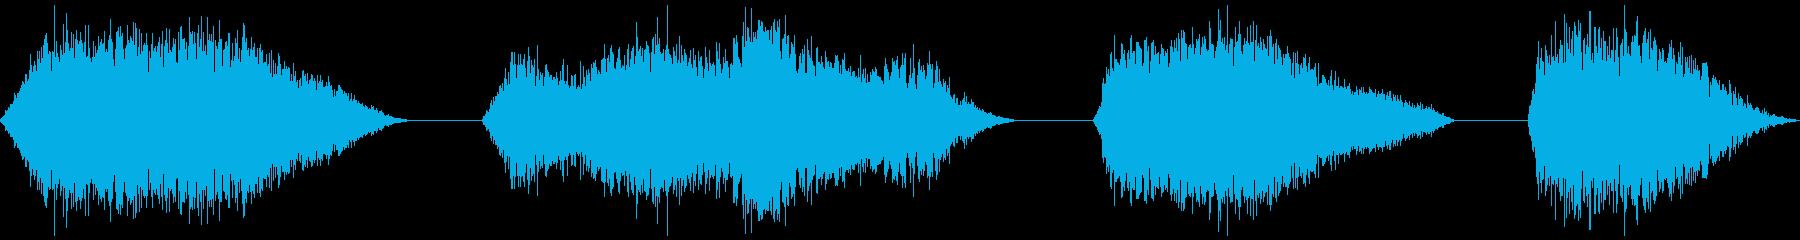 スペーススフィア、4バージョン、振...の再生済みの波形